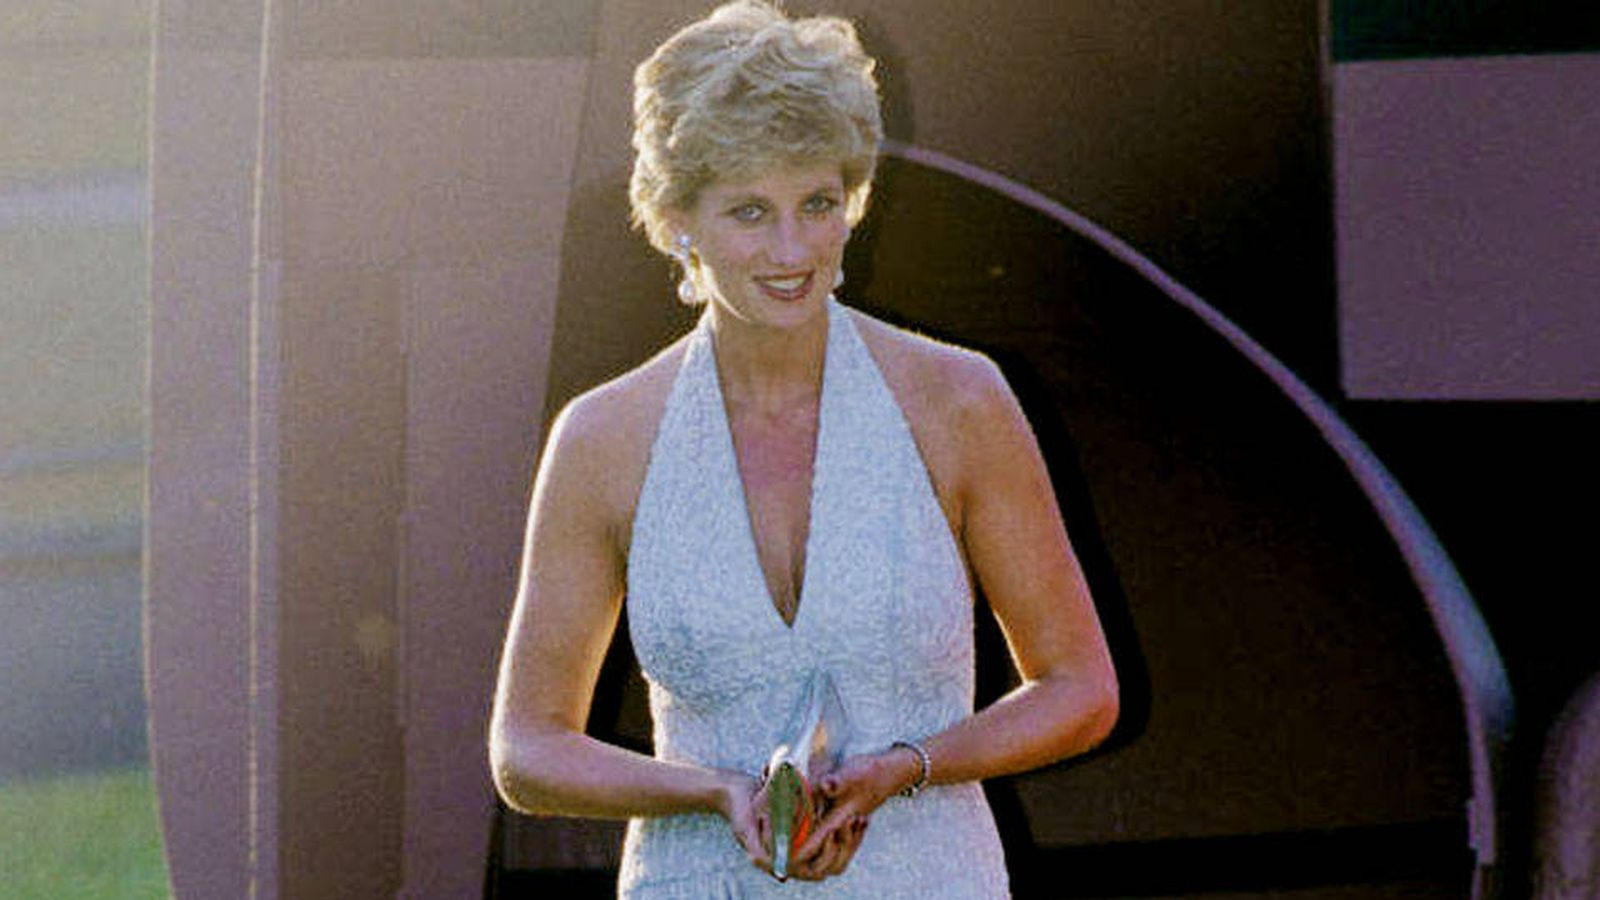 """Diana estaría viva hoy"""": la dura acusación de su amiga contra la BBC"""